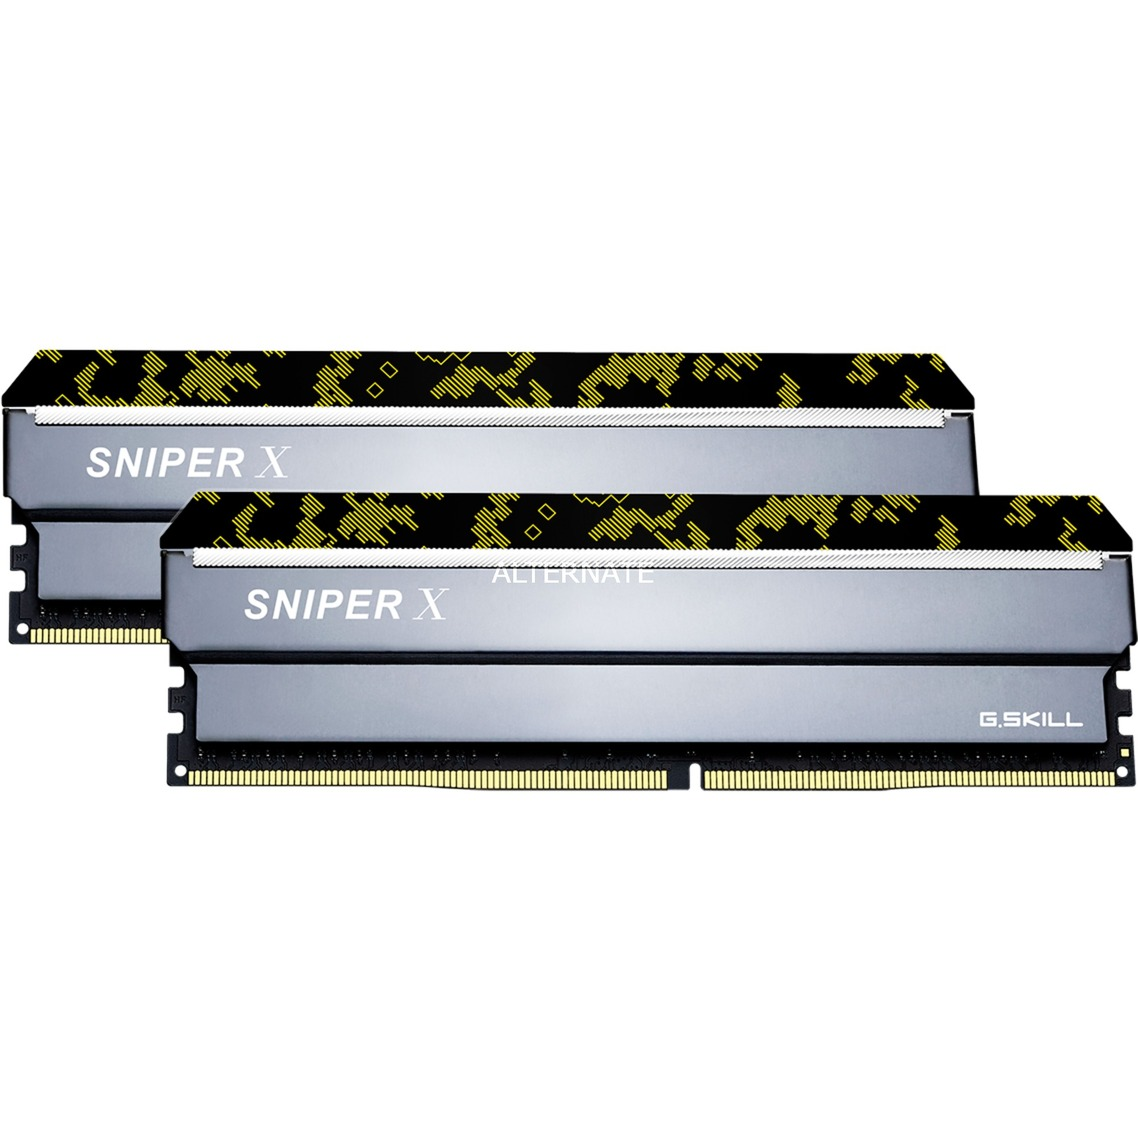 Sniper X 16Go DDR4 2400MHz module de mémoire